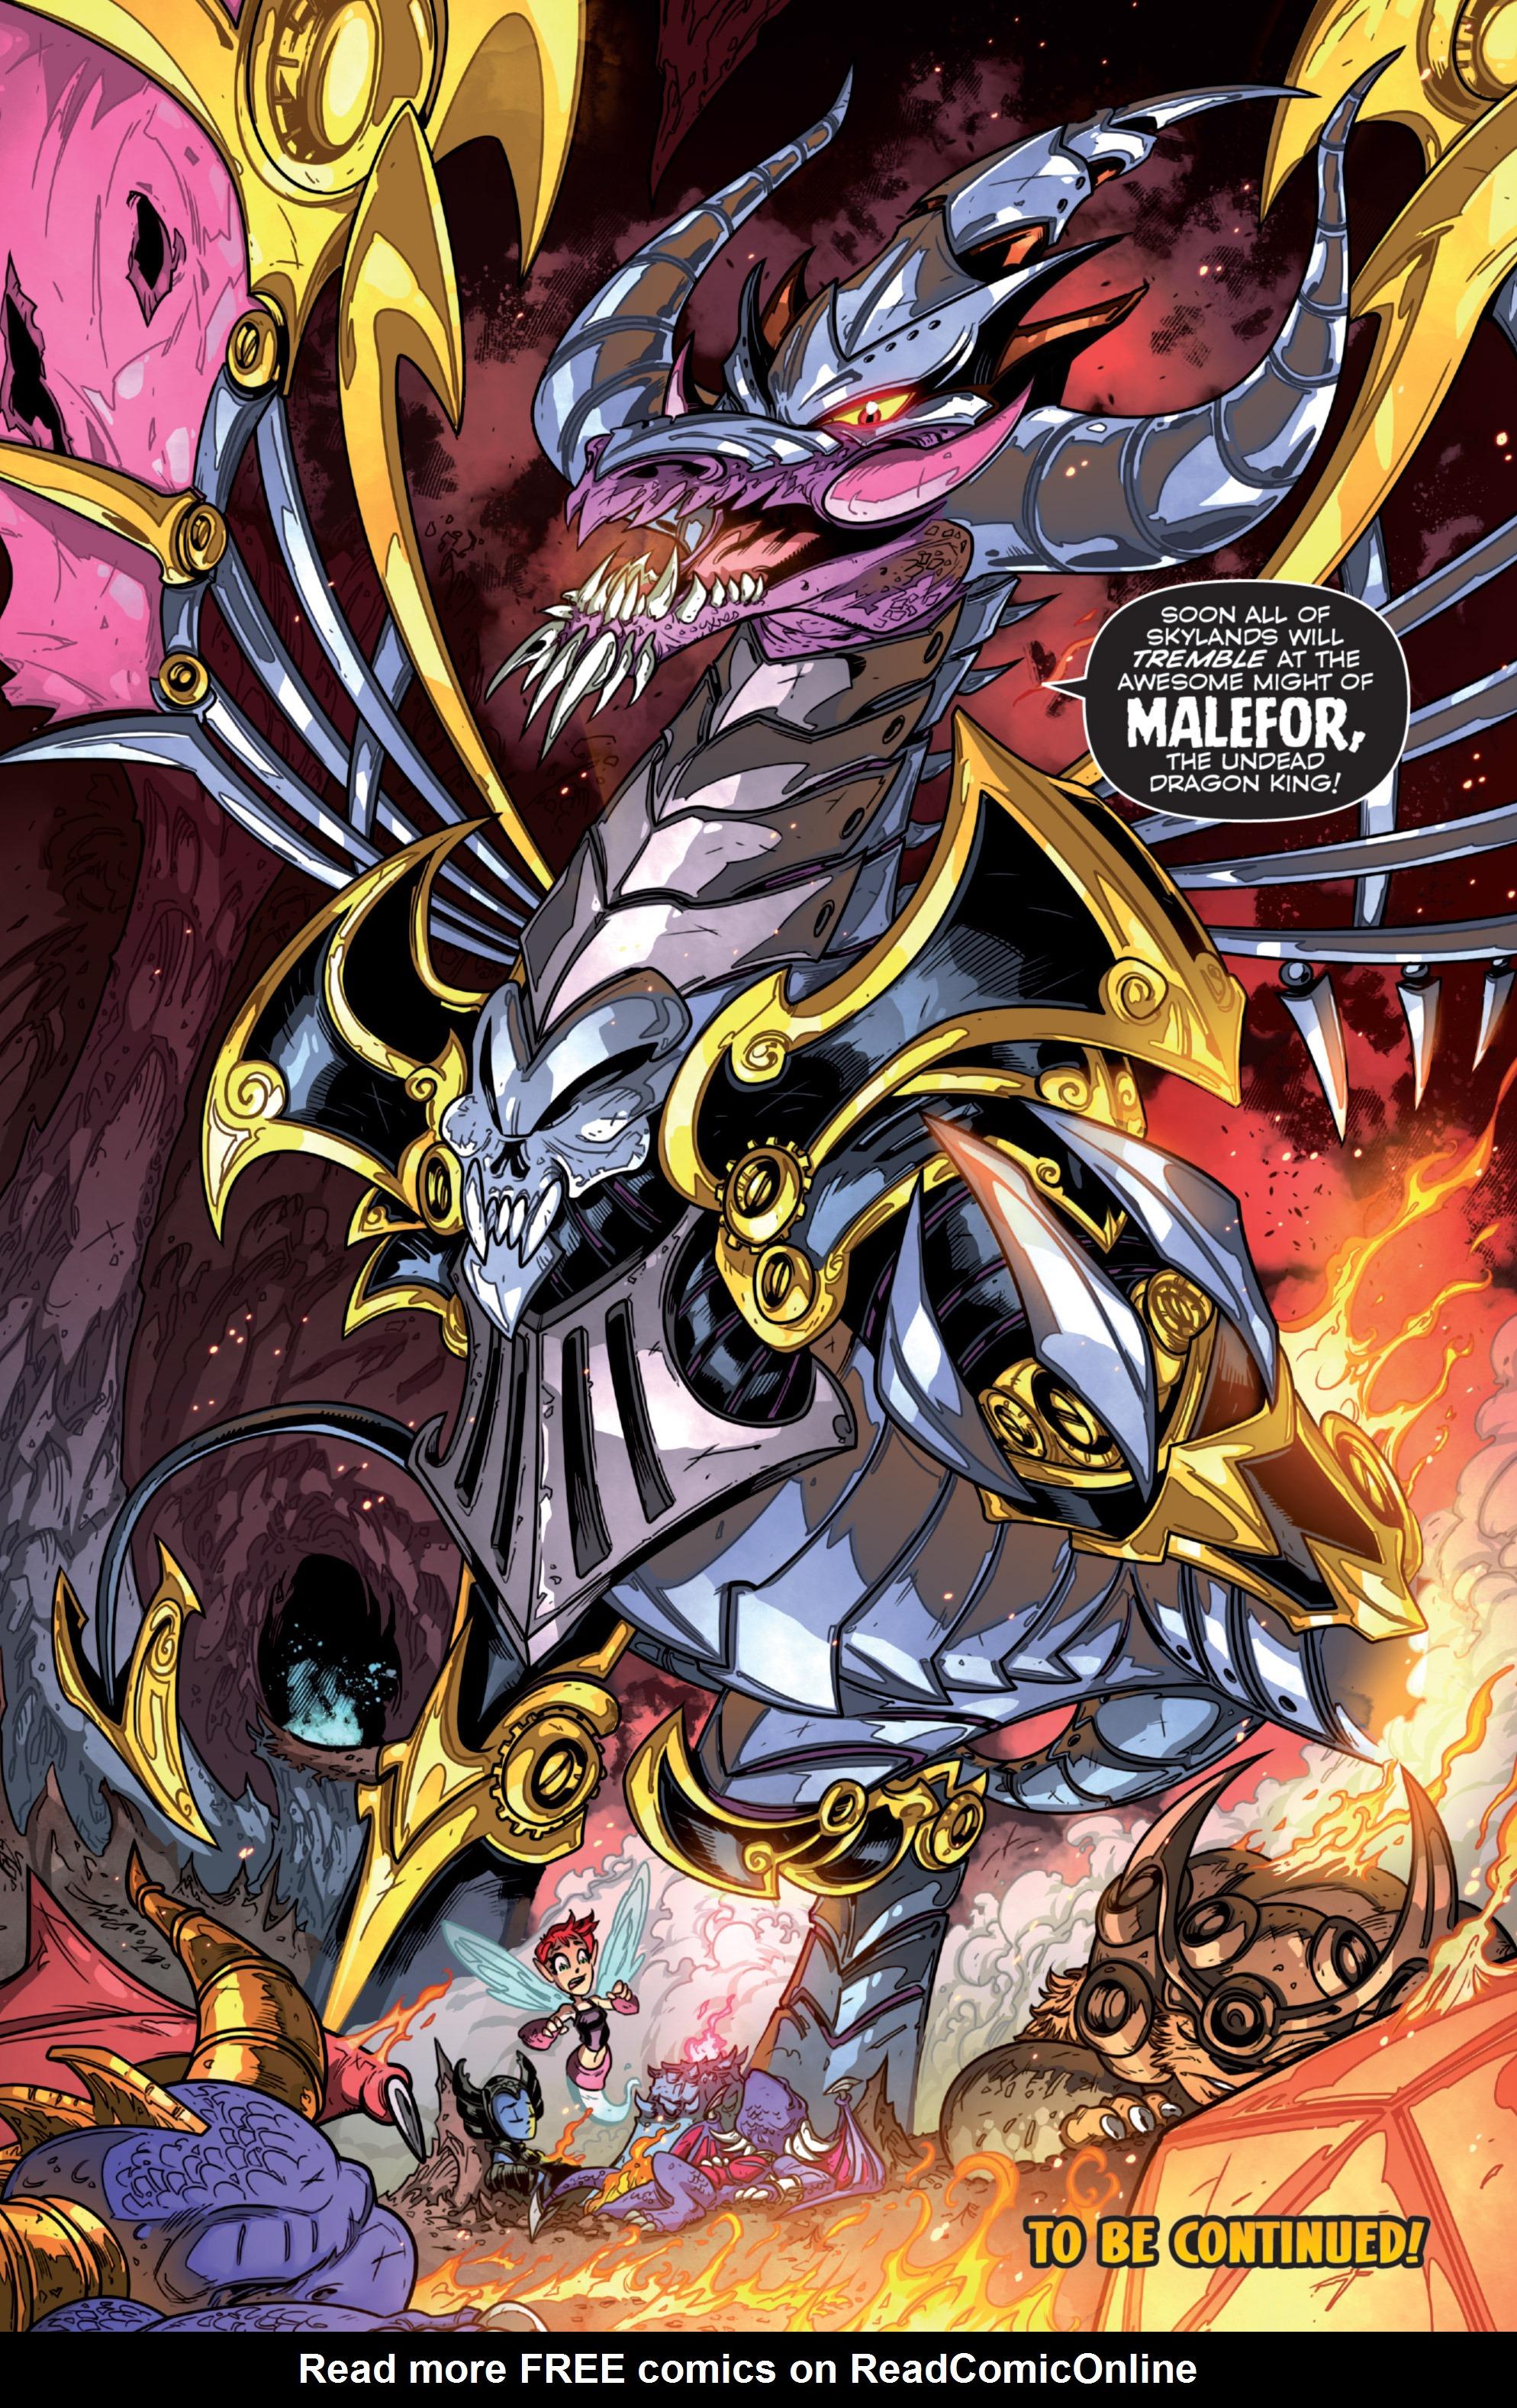 Read online Skylanders comic -  Issue #7 - 18